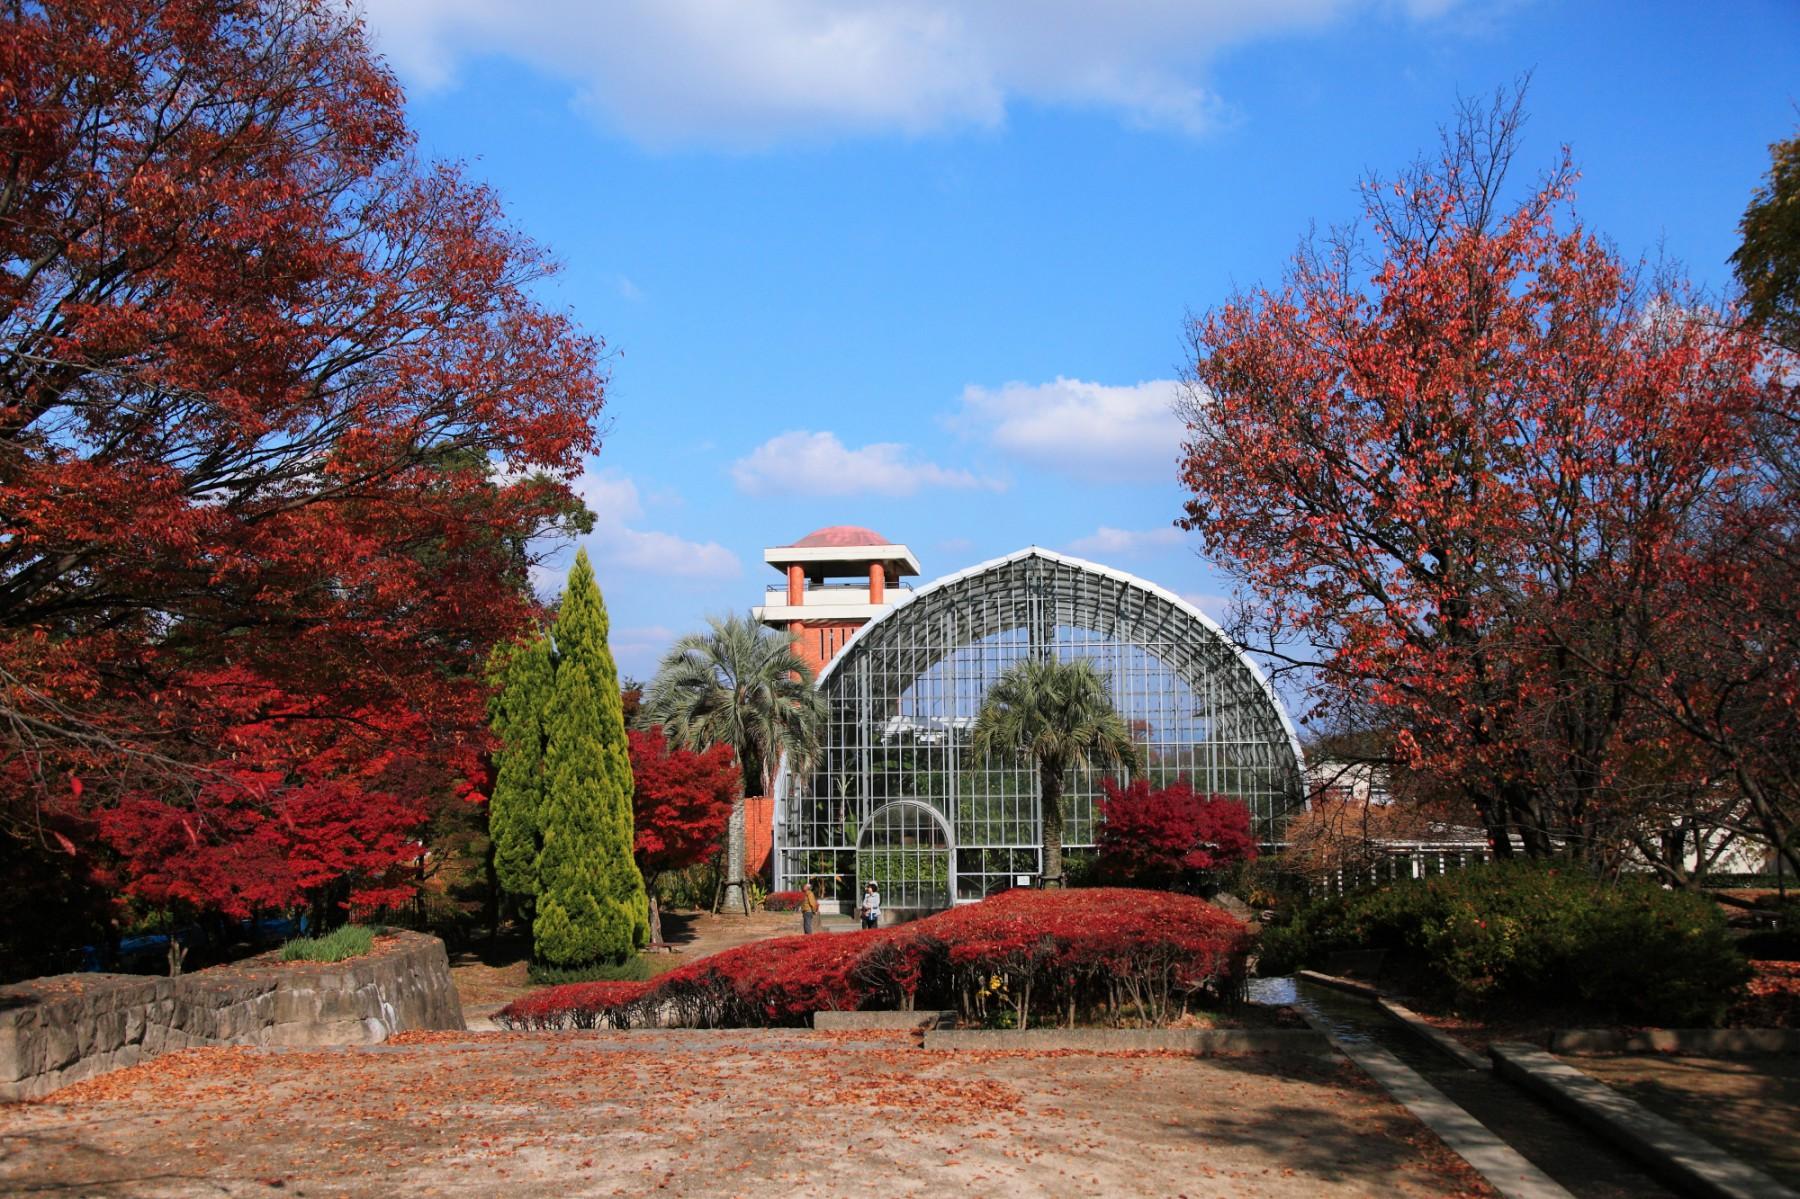 花畑園芸公園(2010)の画像